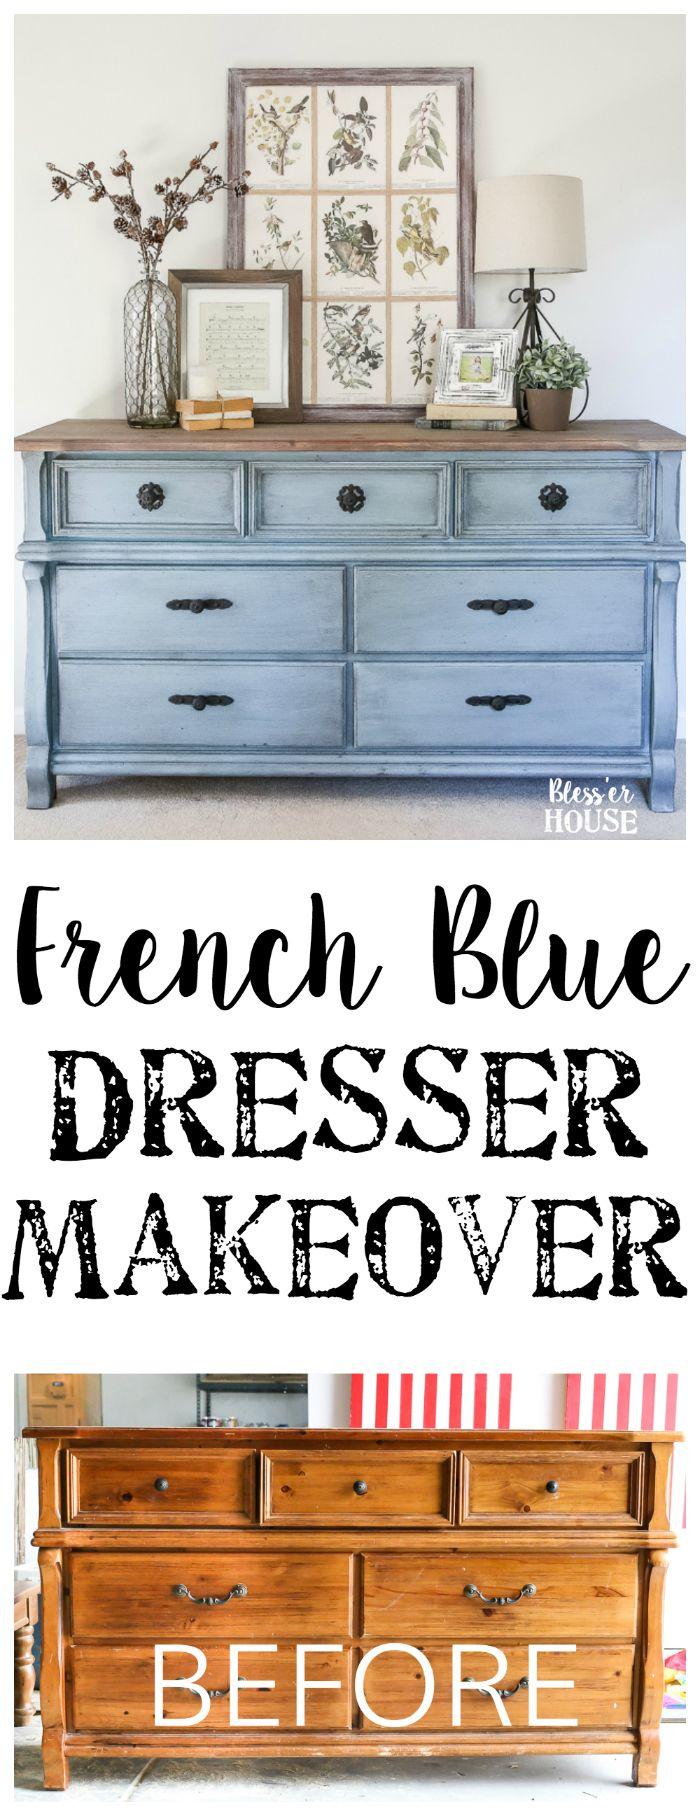 French Blue Dresser Makeover   Furniture makeover, Furniture diy ...